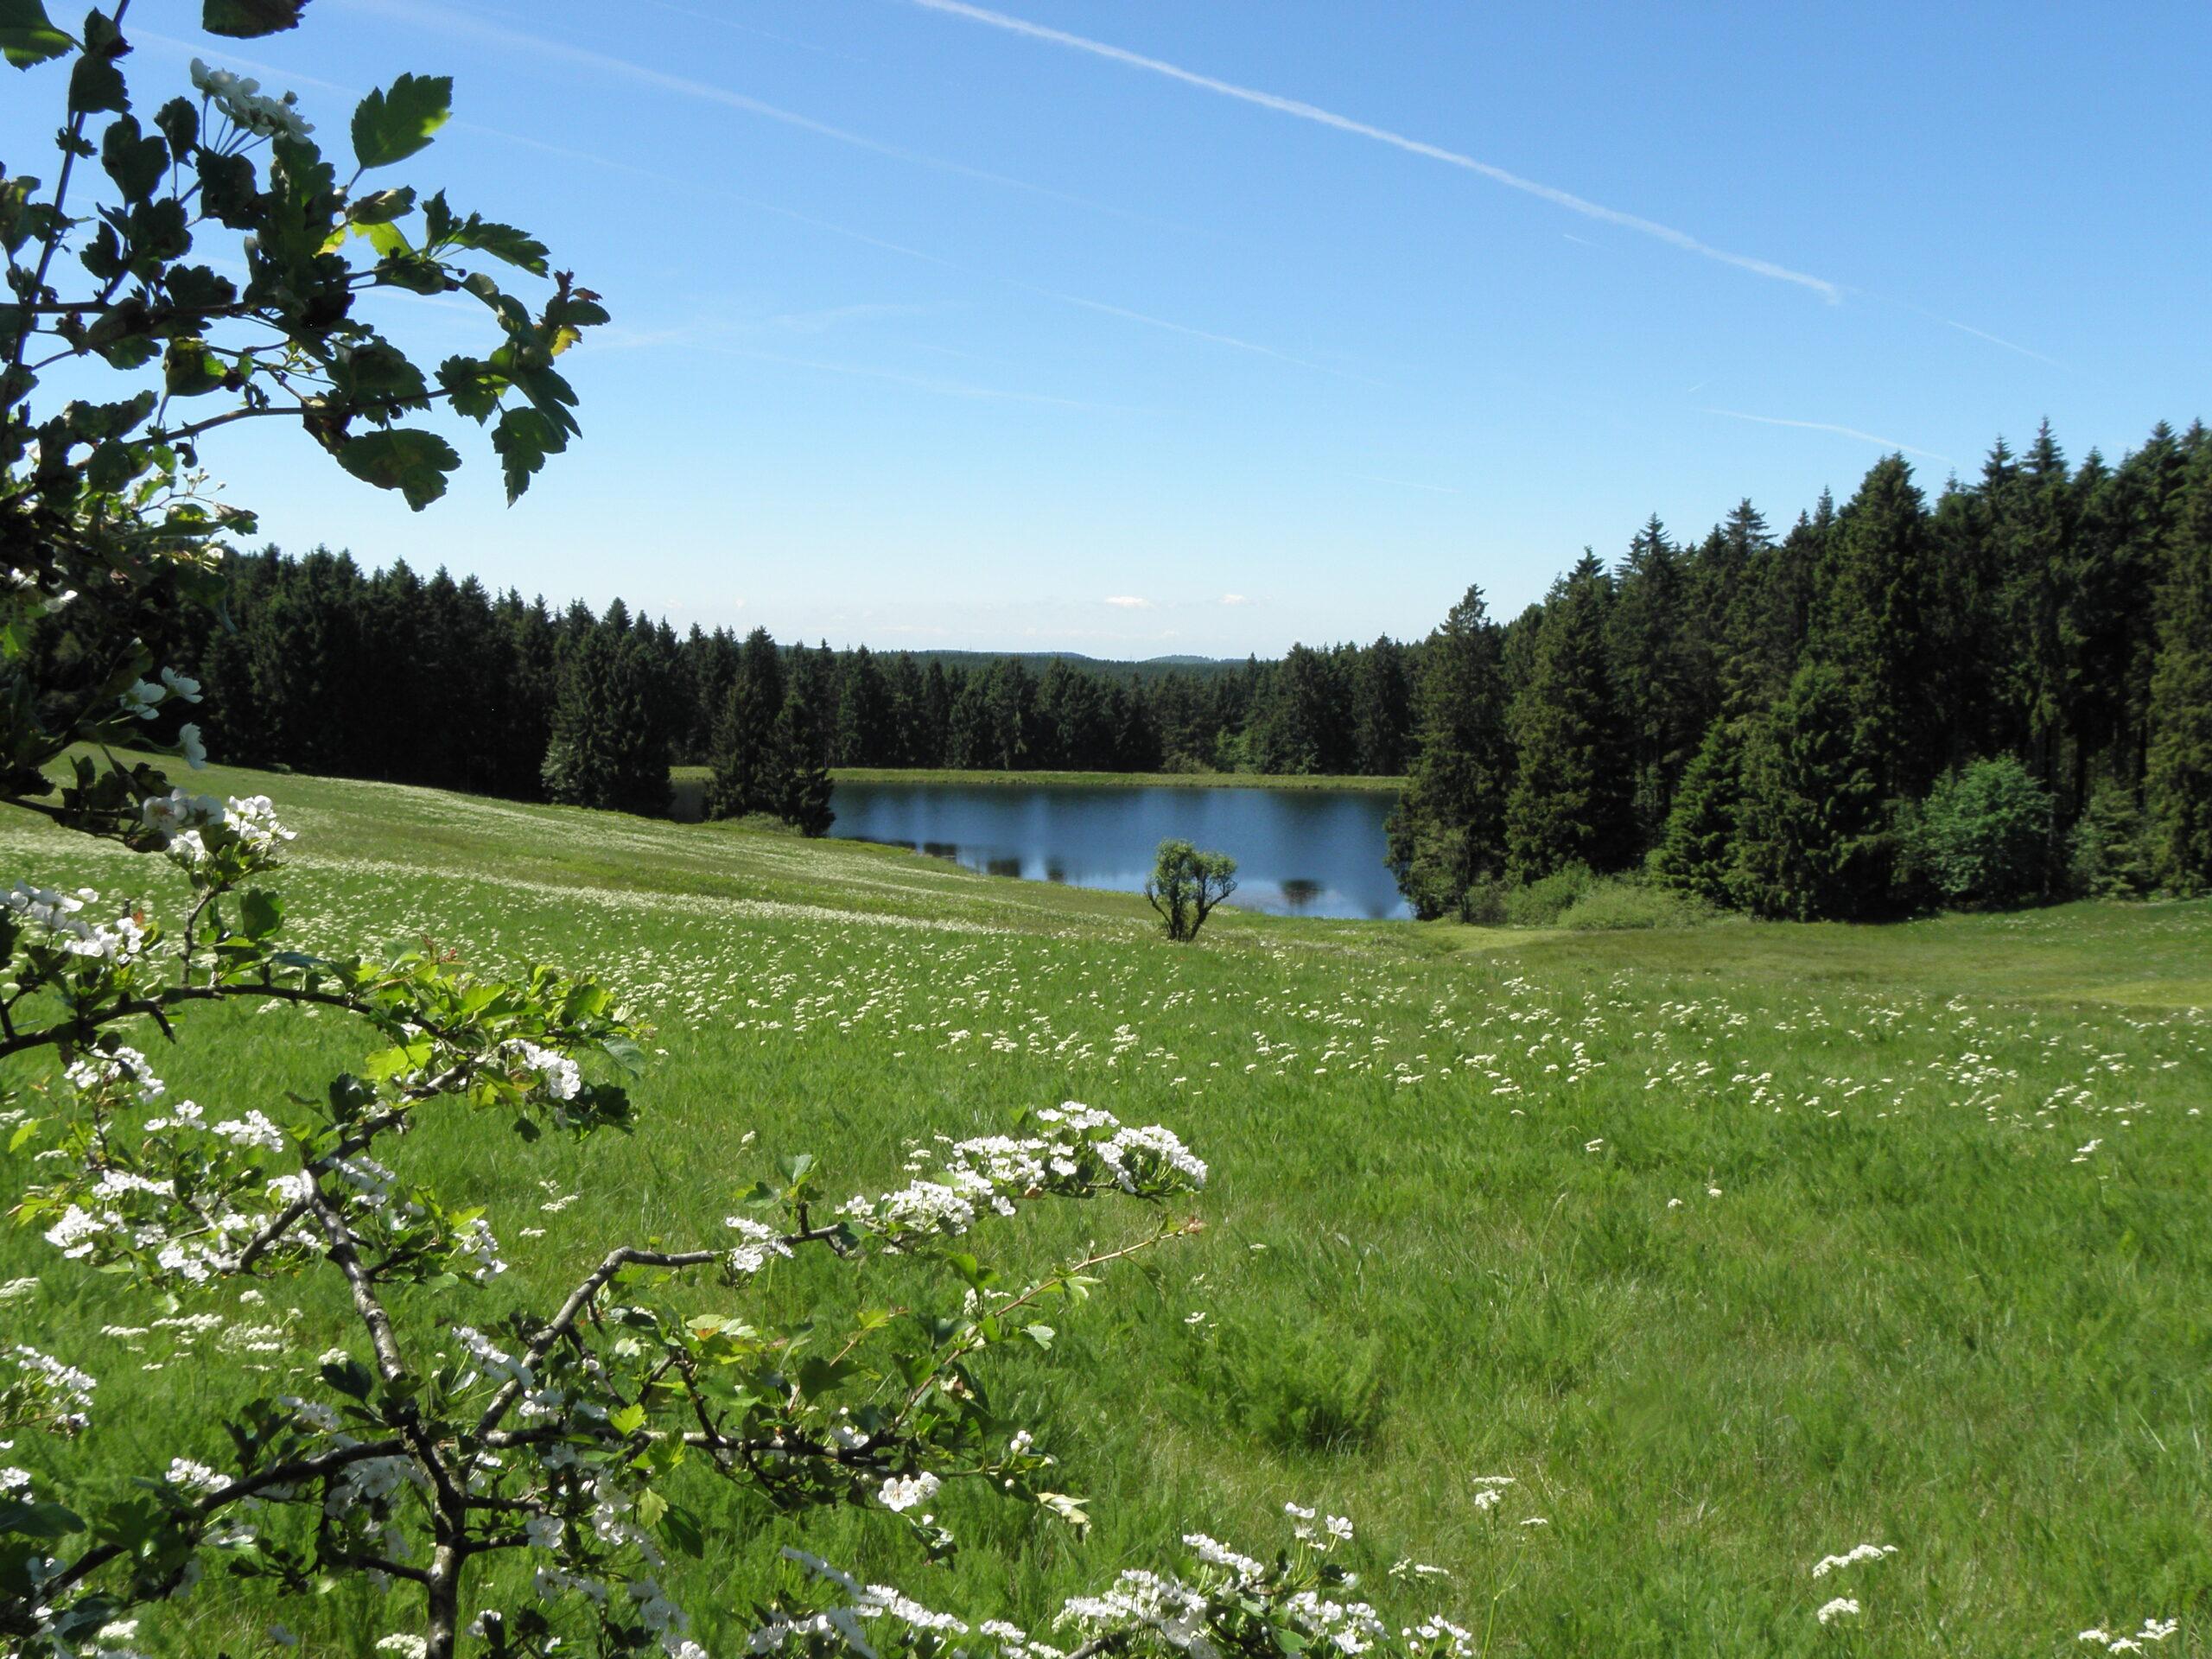 Im Vordergrund ist ein blühender weißdorn am Rand einer blühenden Bergwiese. Der Blick geht über die Wiese hinweg bergab zu einem Teich, der inmitten des Harzer Fichten waldes liegt